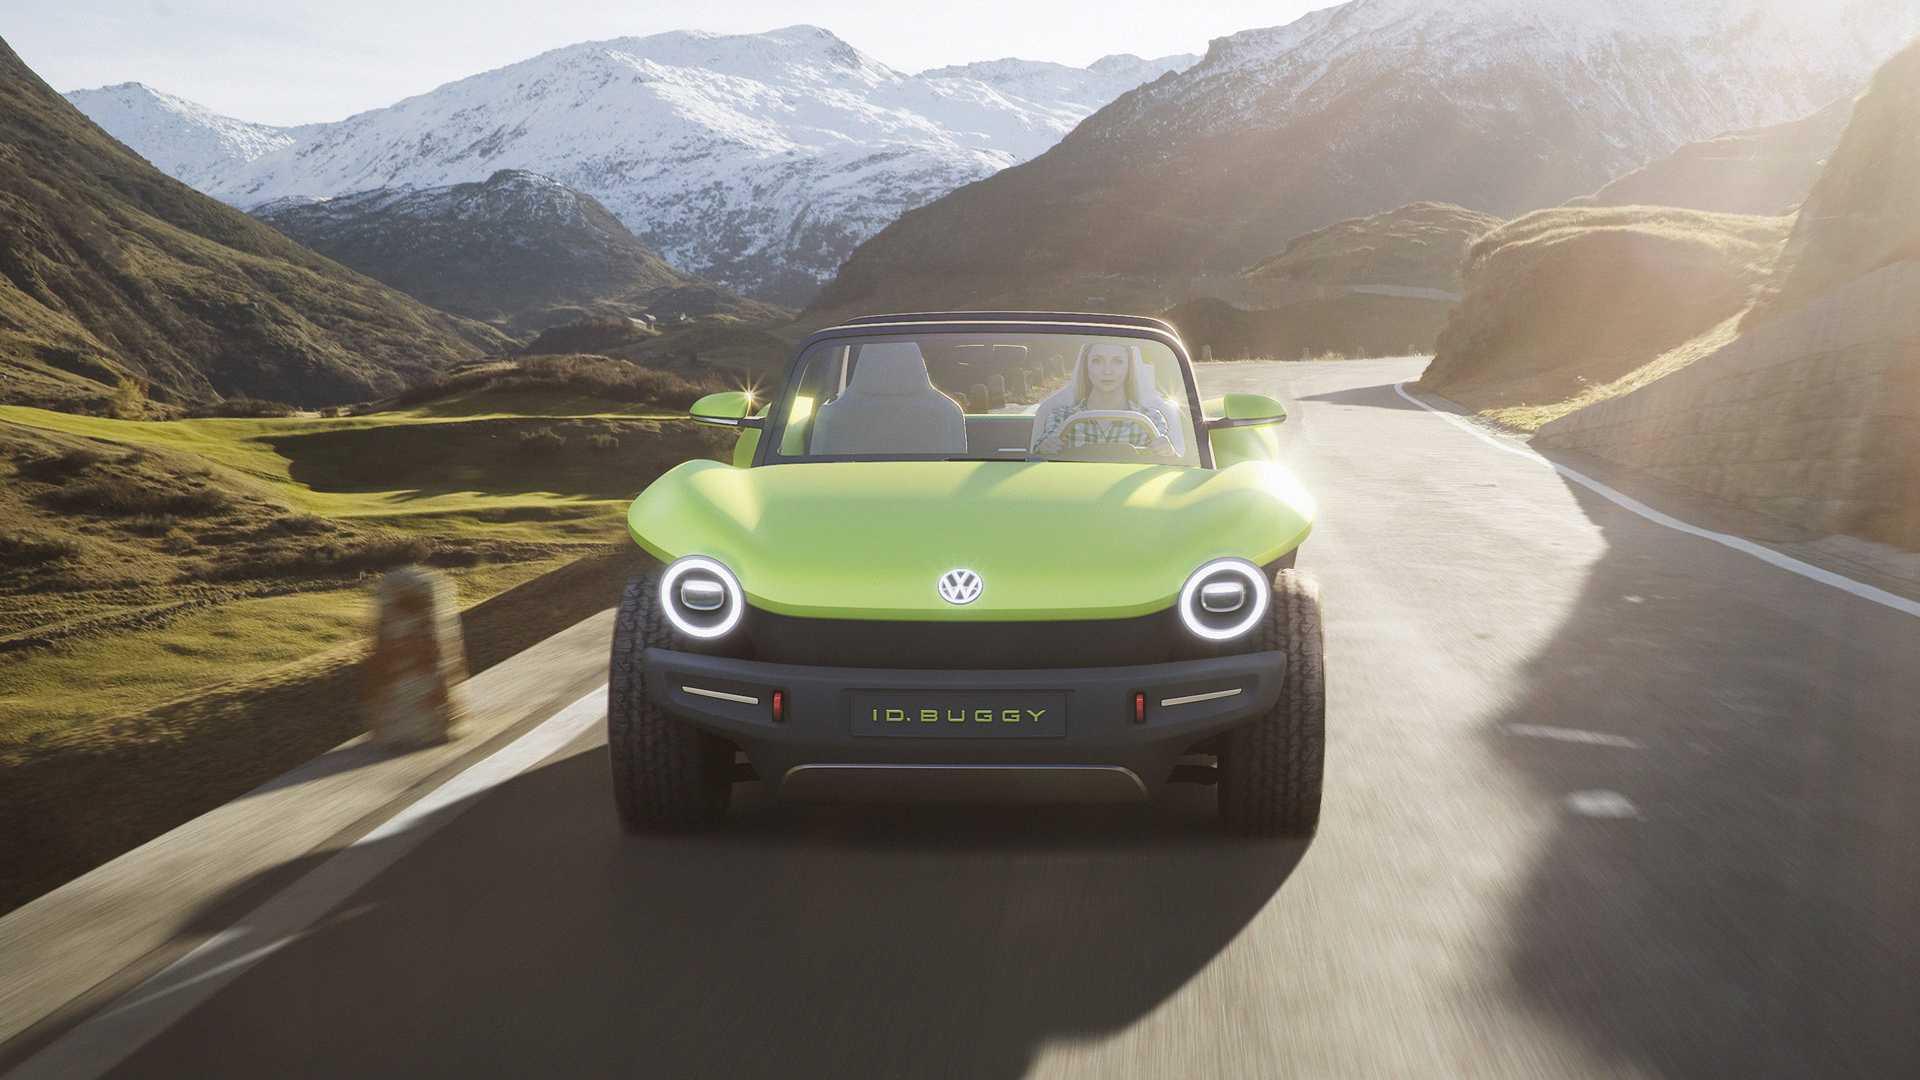 Volkswagen превратил электромобиль I.D. в новый Buggy Concept 2